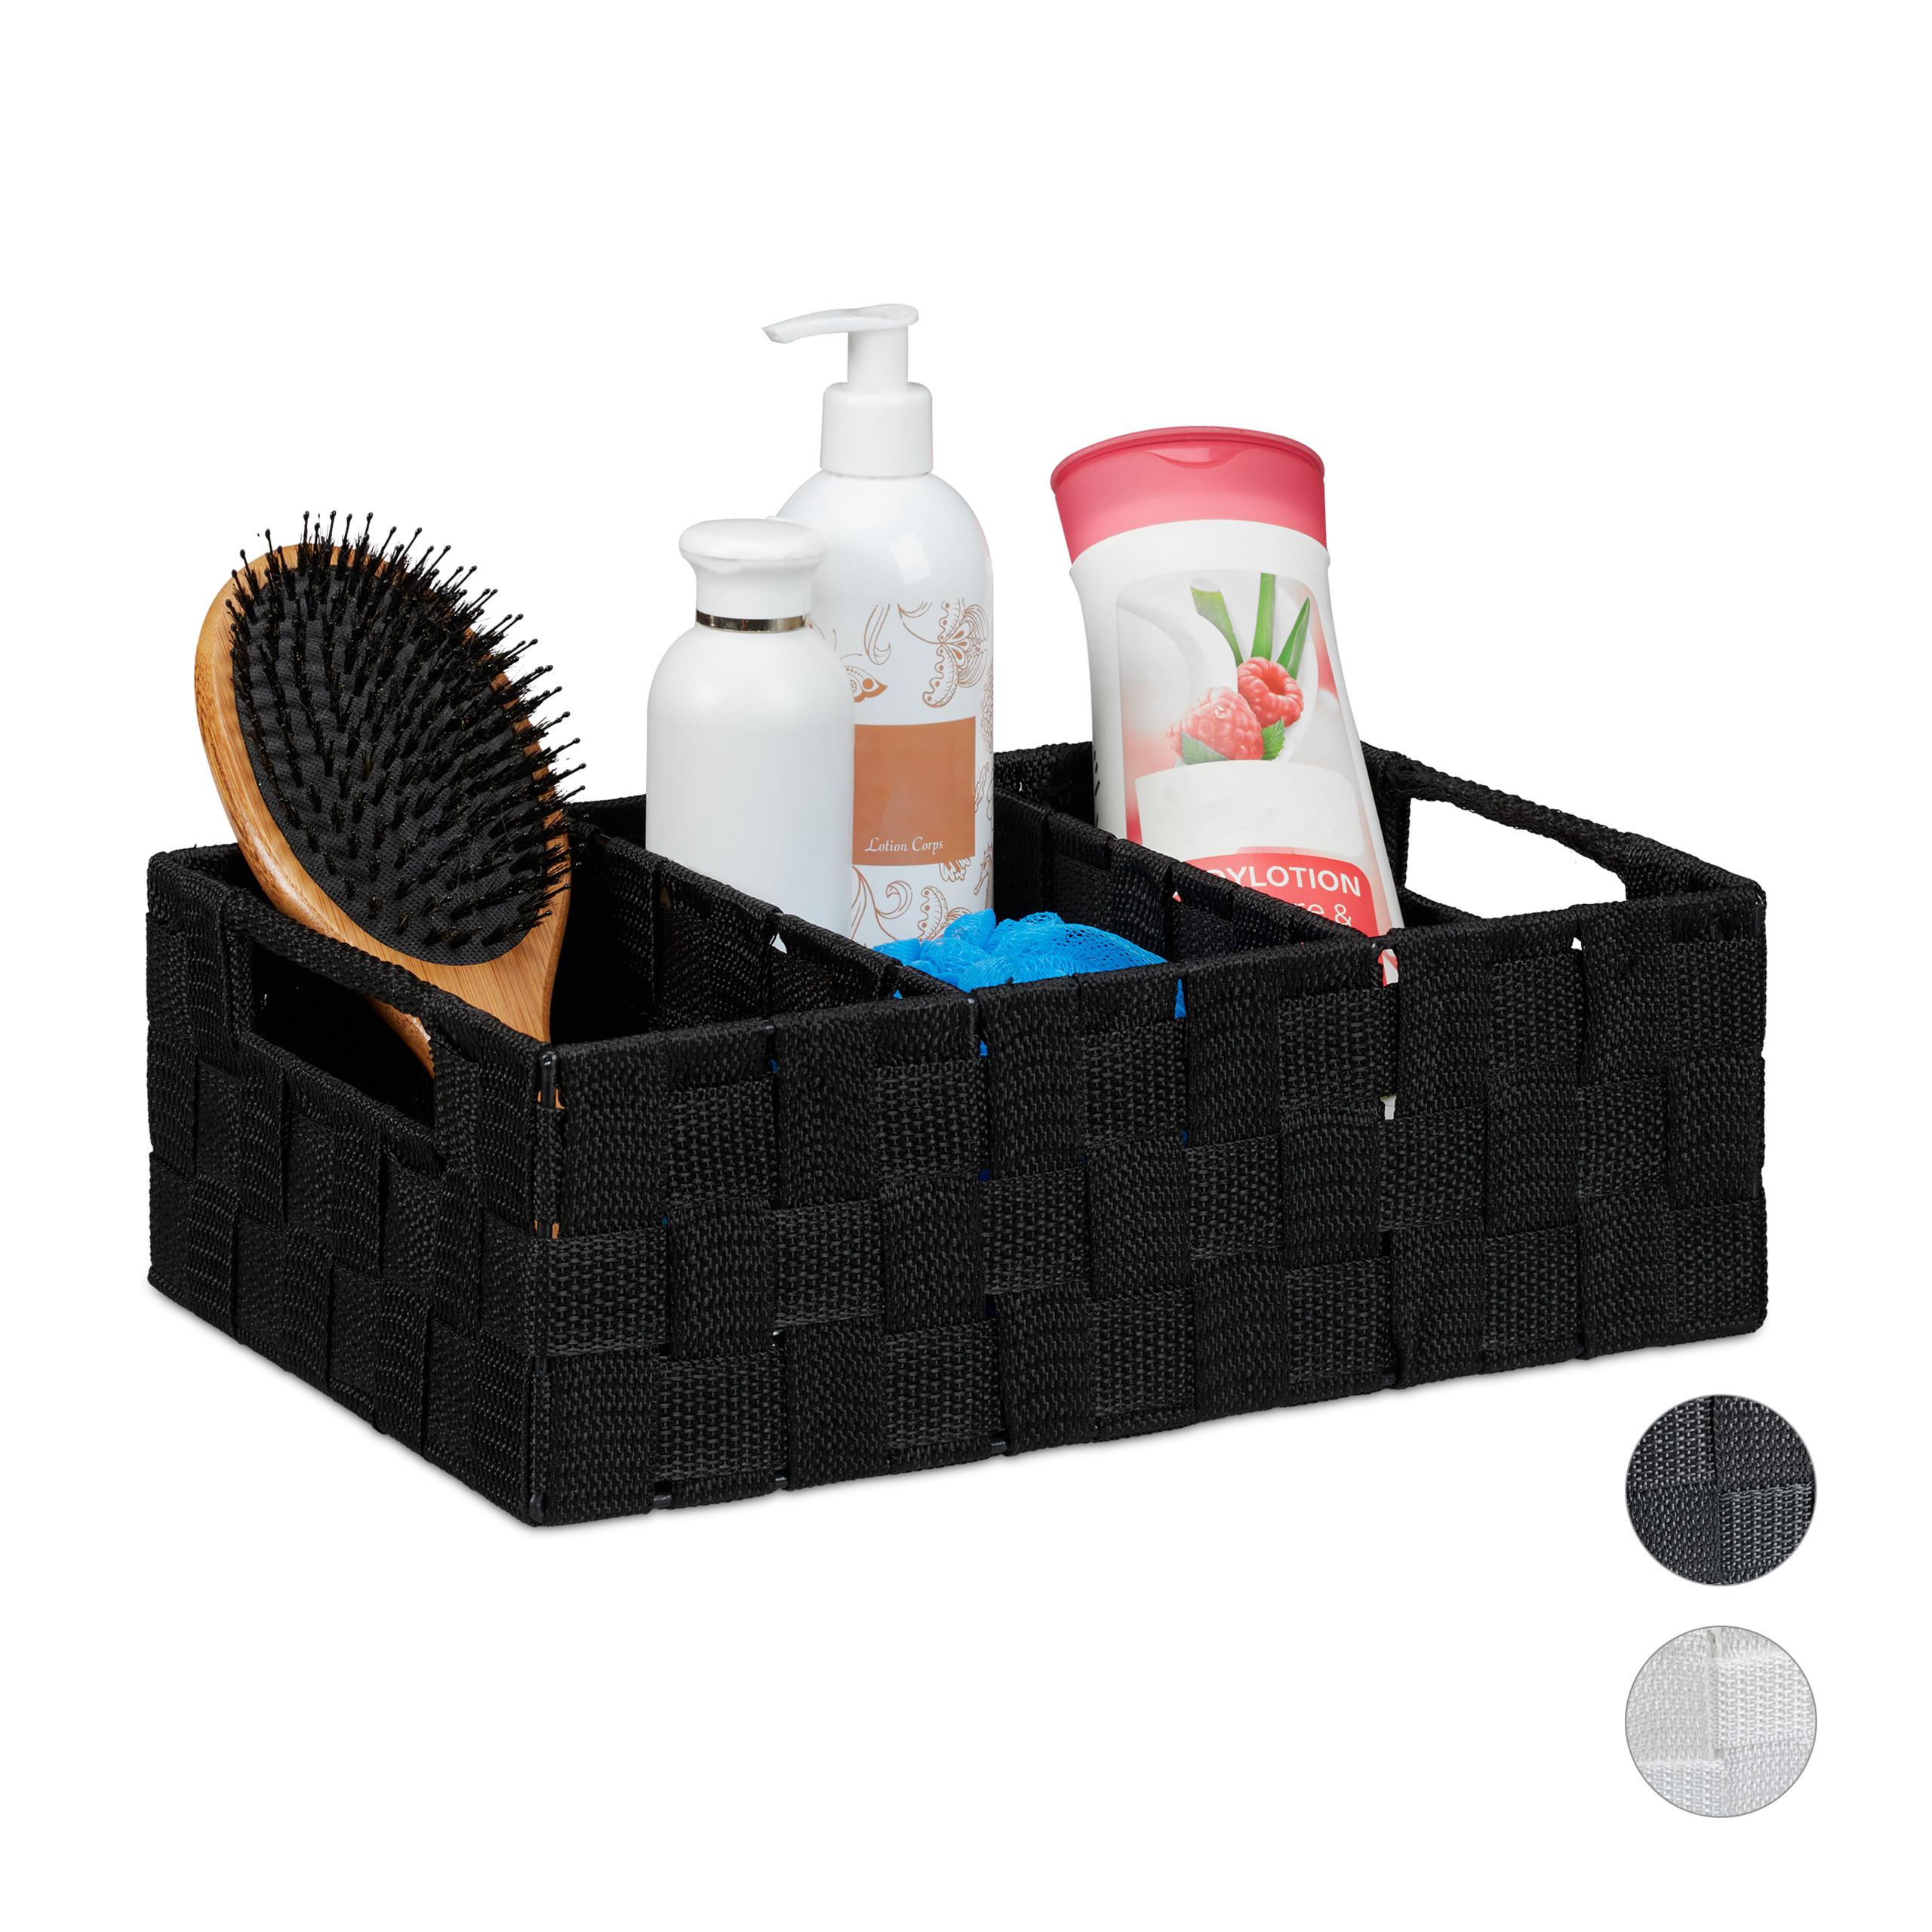 Details zu Aufbewahrungskorb Bad Organizer Körbchen Aufbewahrungsbox Deko  Box Kosmetik Korb